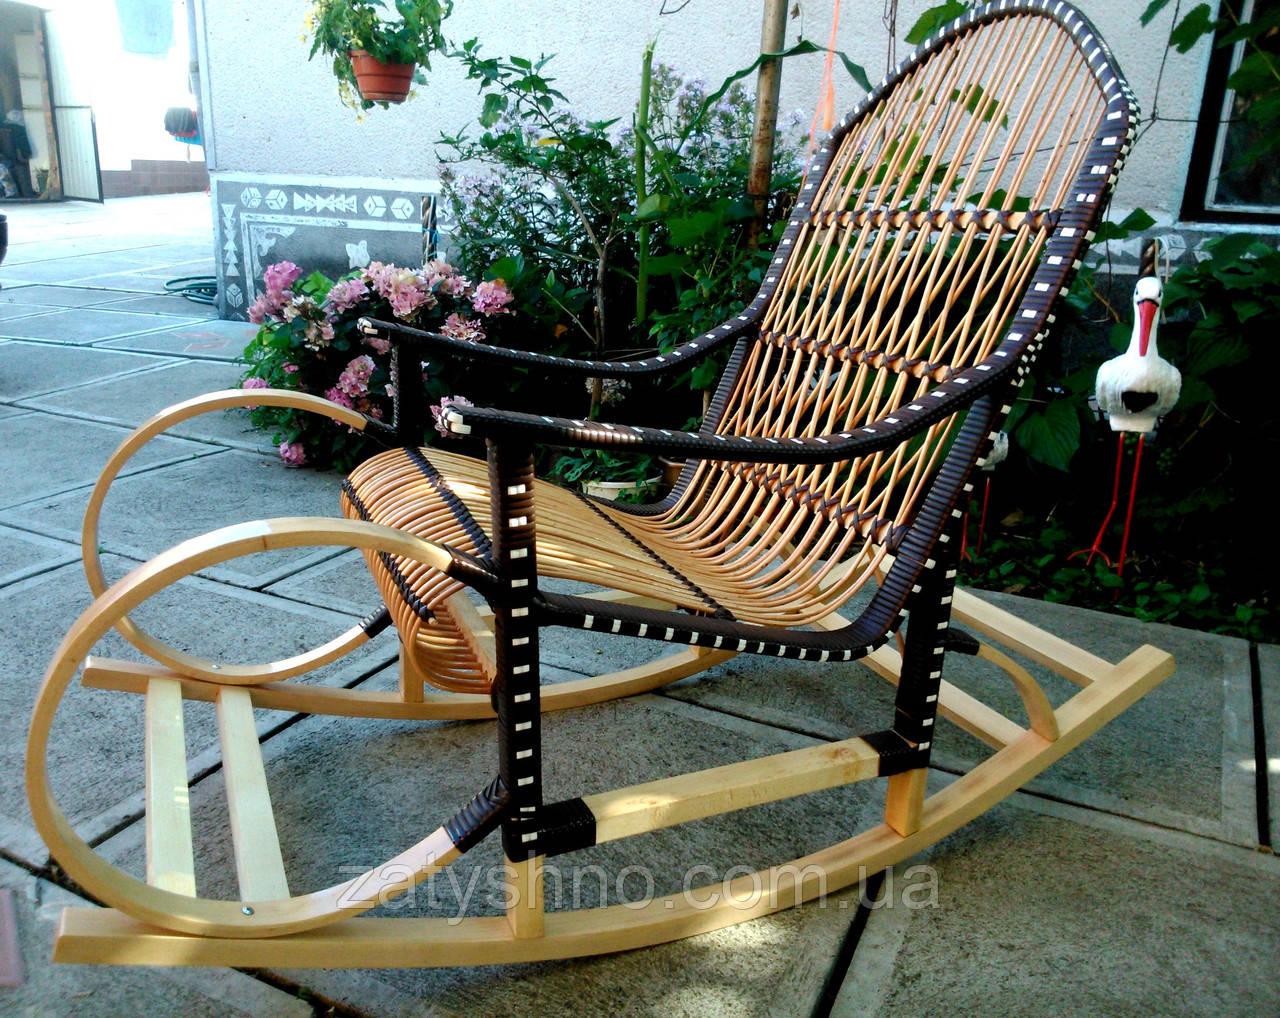 Качалка плетеная с оригинальным дизайном   кресло-качалка для отдыха садовая для дачи